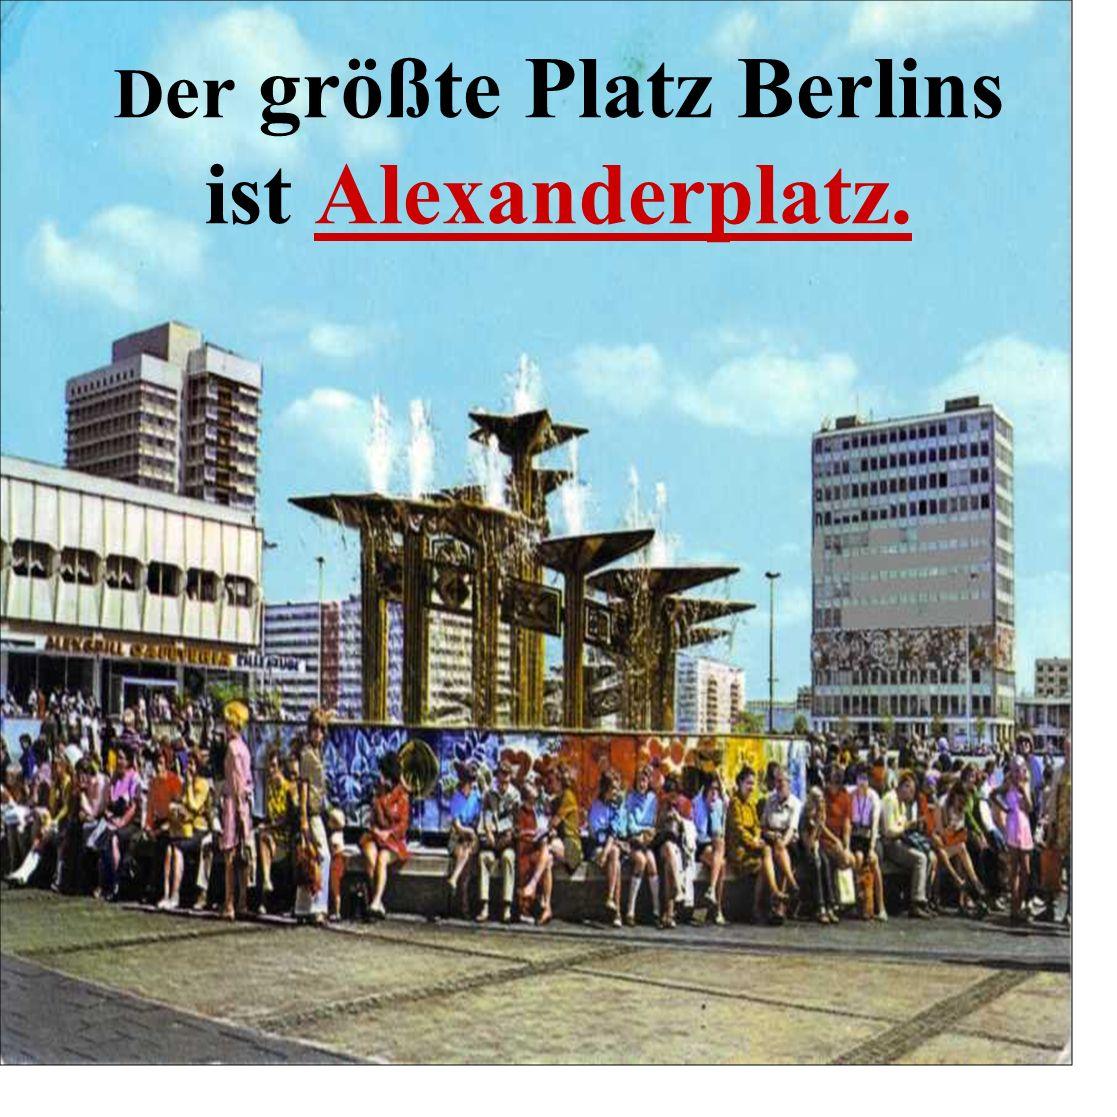 Der größte Platz Berlins ist Alexanderplatz.